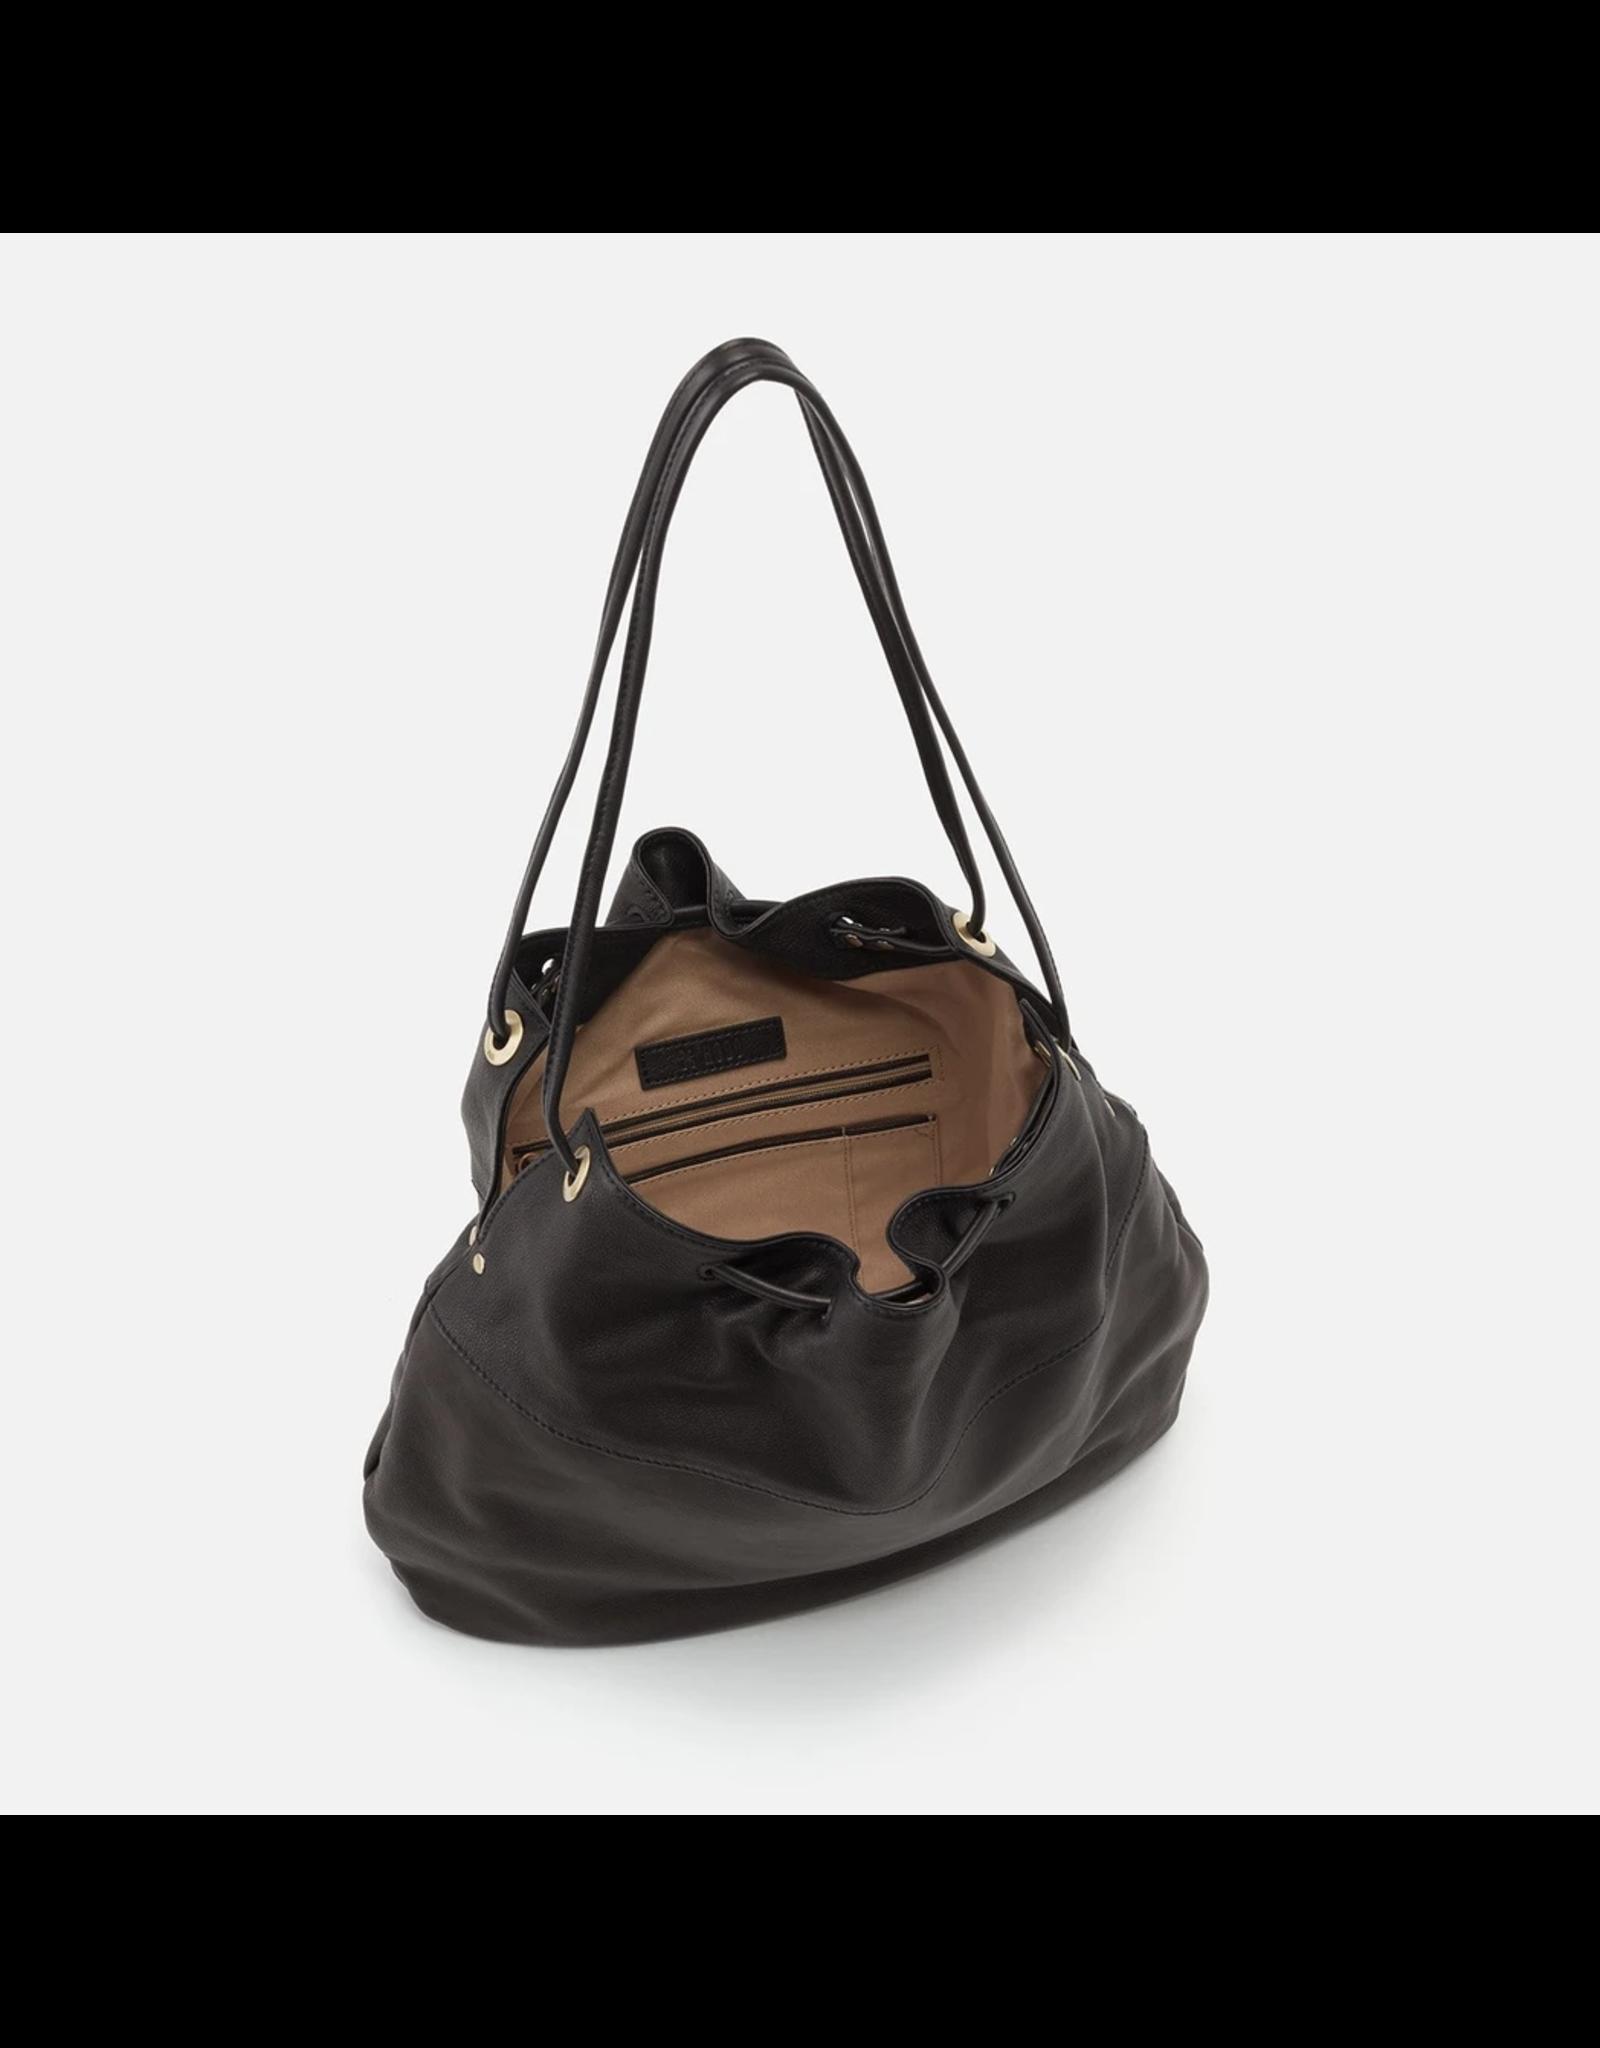 Hobo Dreamer Bag